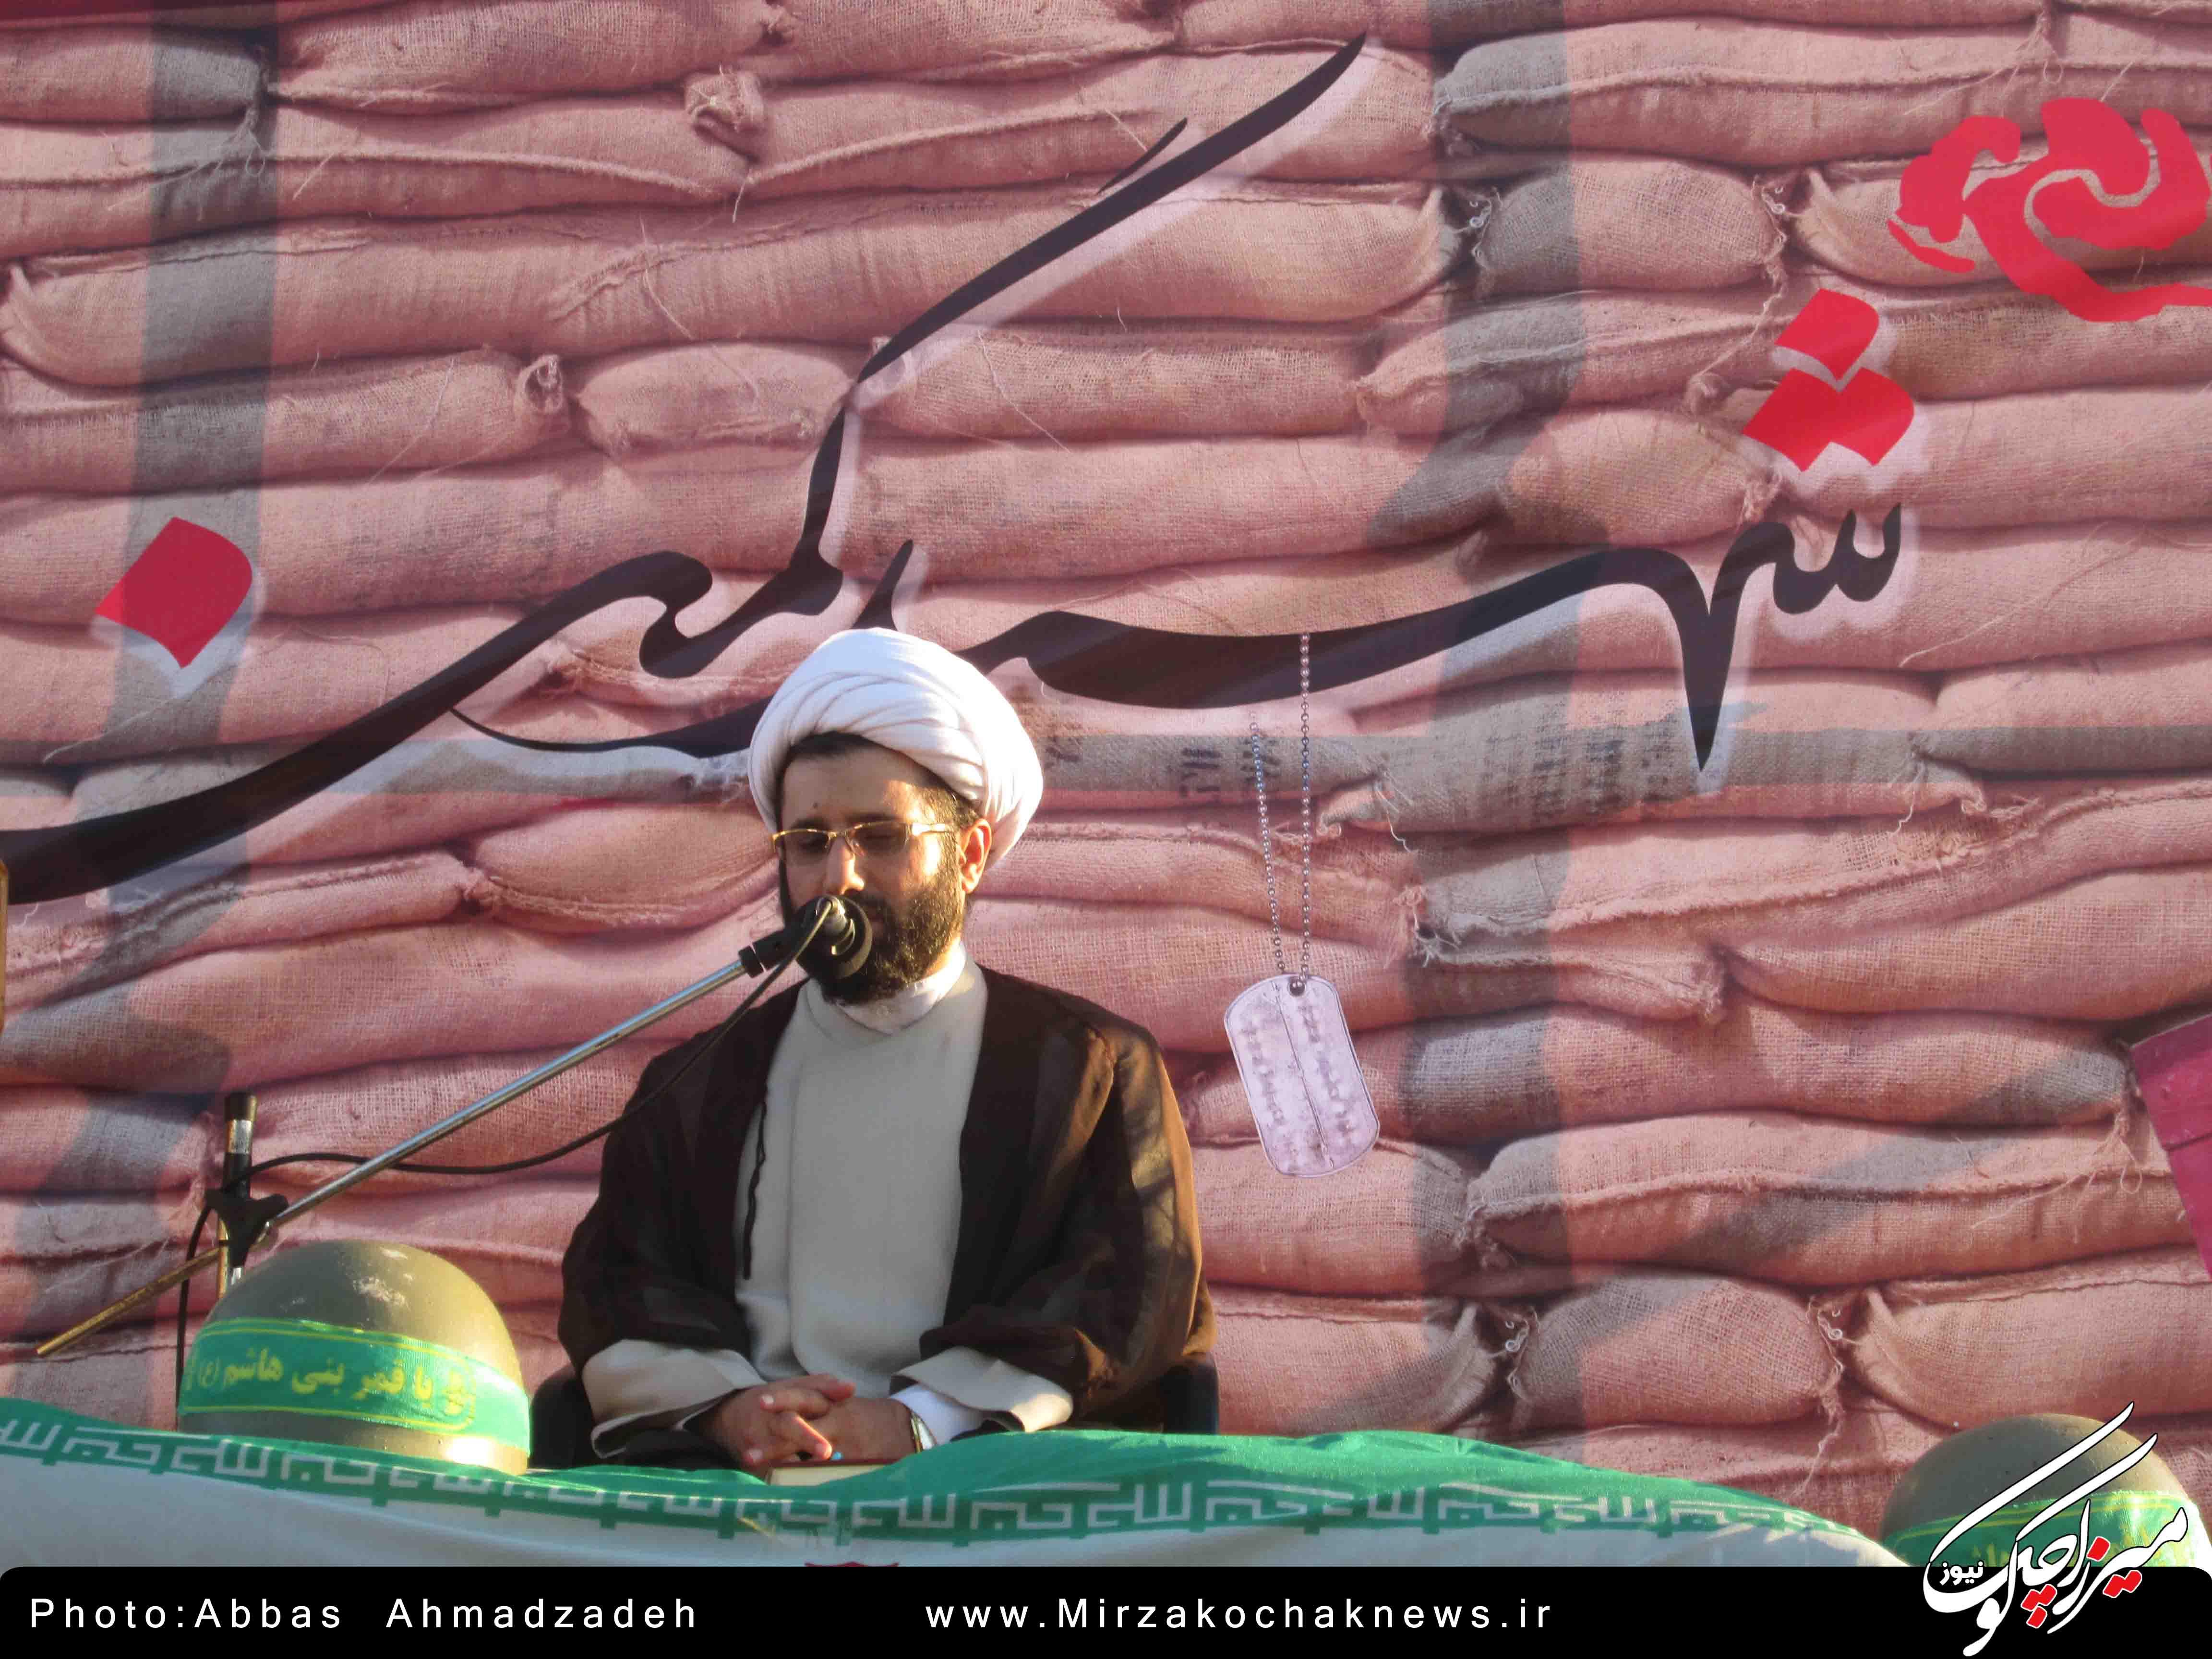 اربعین شهدای گمنام شهر گوراب زرمیخ برگزار شد